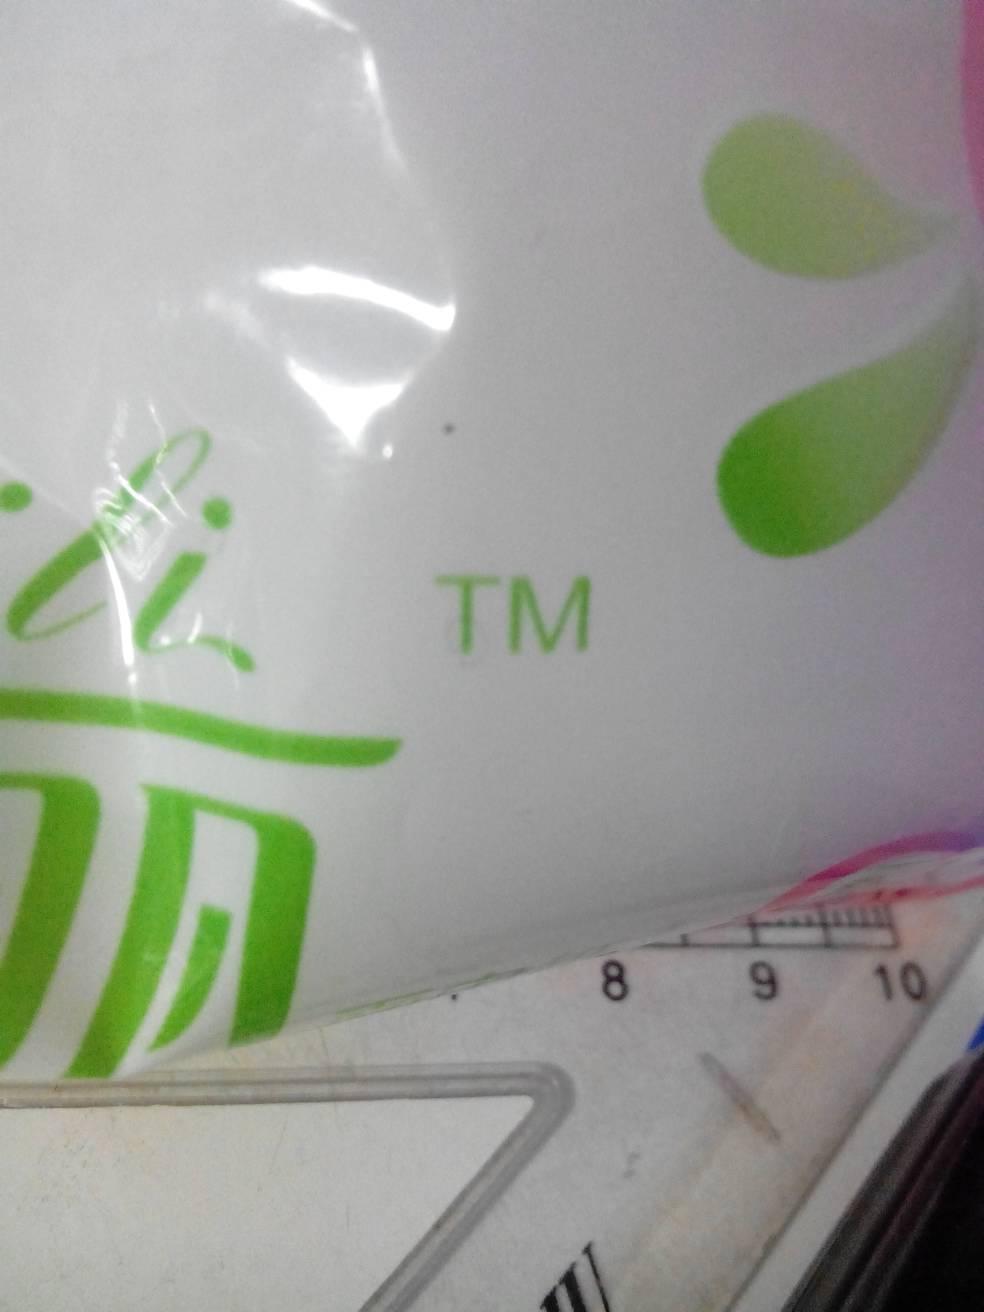 """网络商标是什么意思_TM什么意思,不是""""他妈这个意思!_百度知道"""